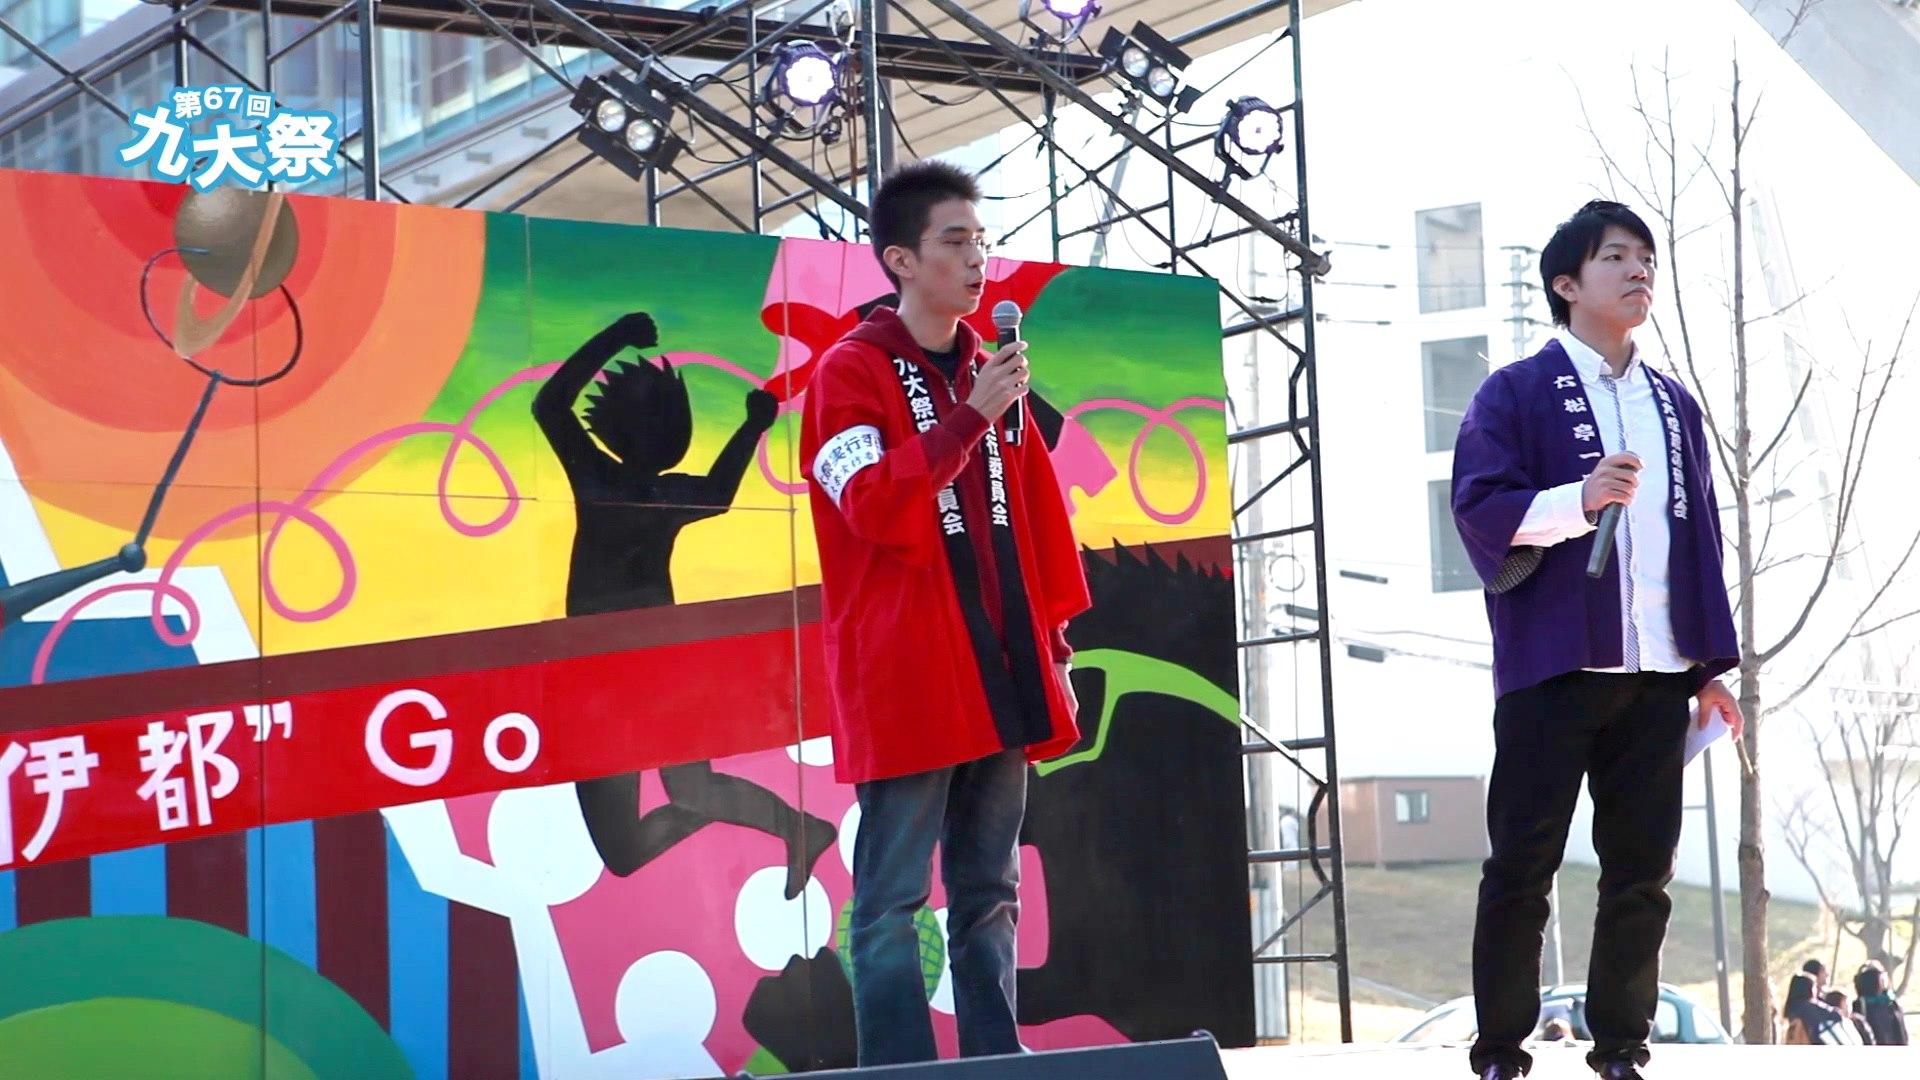 第67回 九州大学学祭.mov_000020814